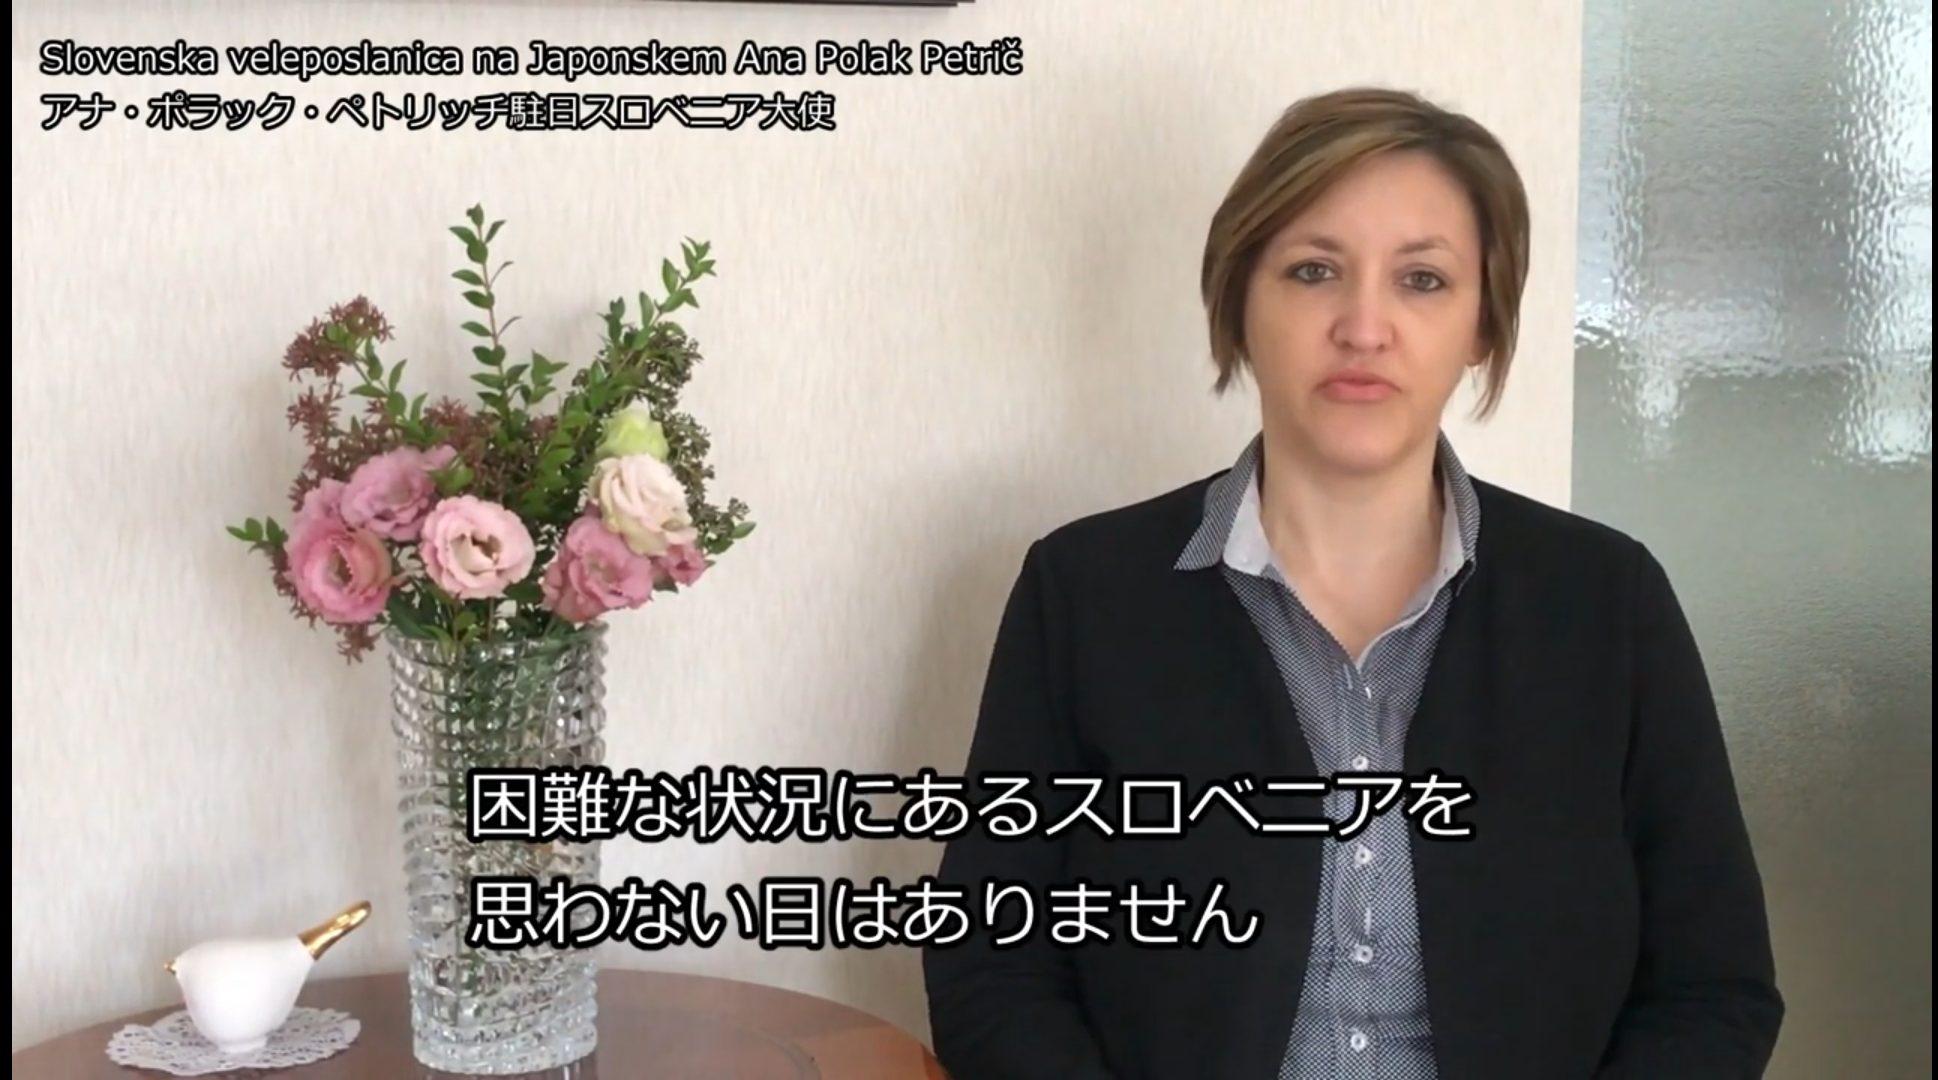 Sovenska veleposlanica na Japonskem.